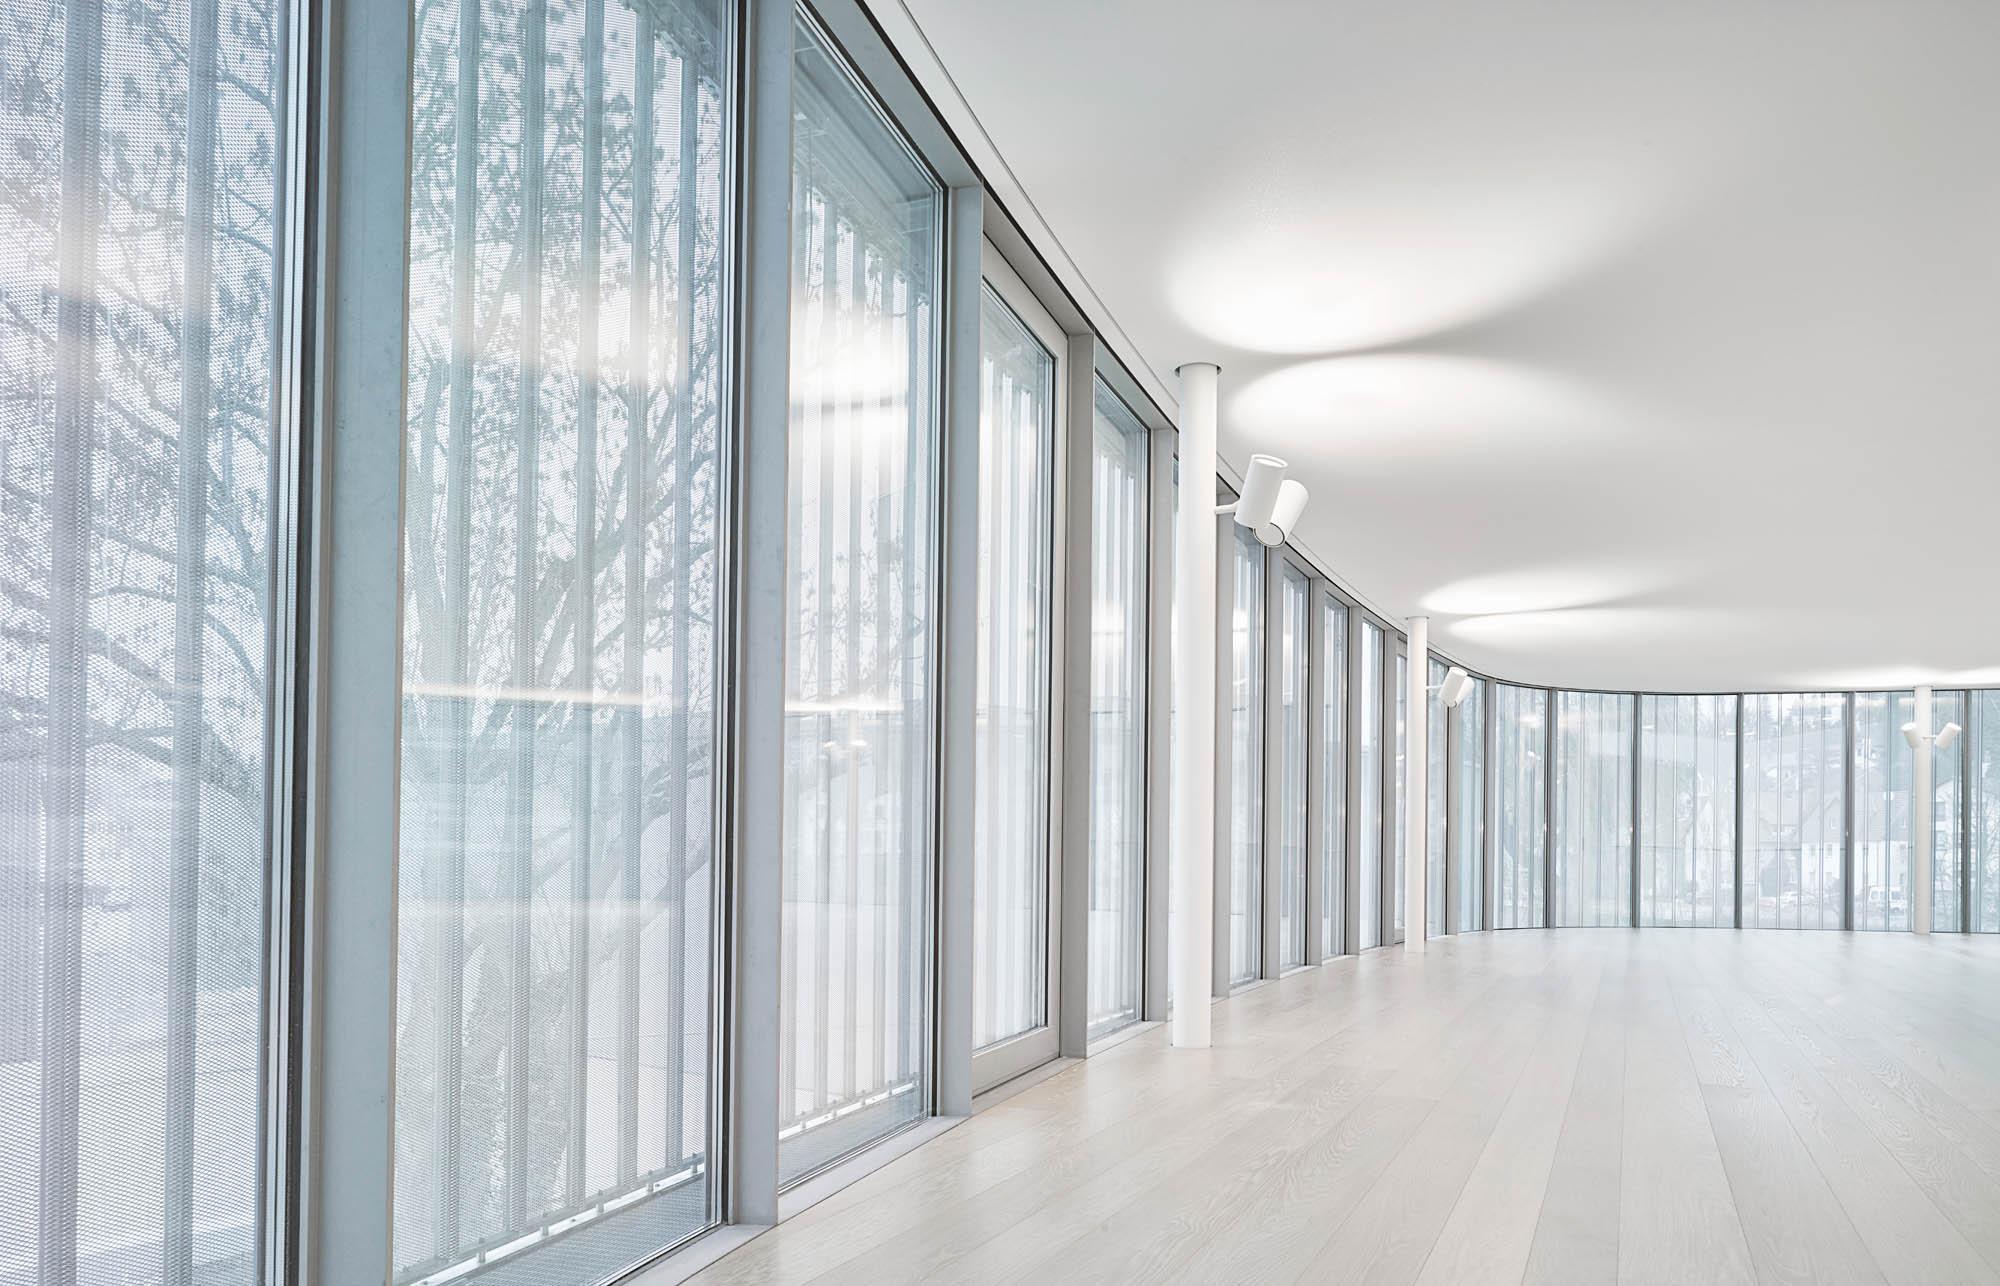 OPC 151129 0036 1 - Eva Mayr-Stihl Stiftung: Fotografie des neuen Verwaltungsgebäudes